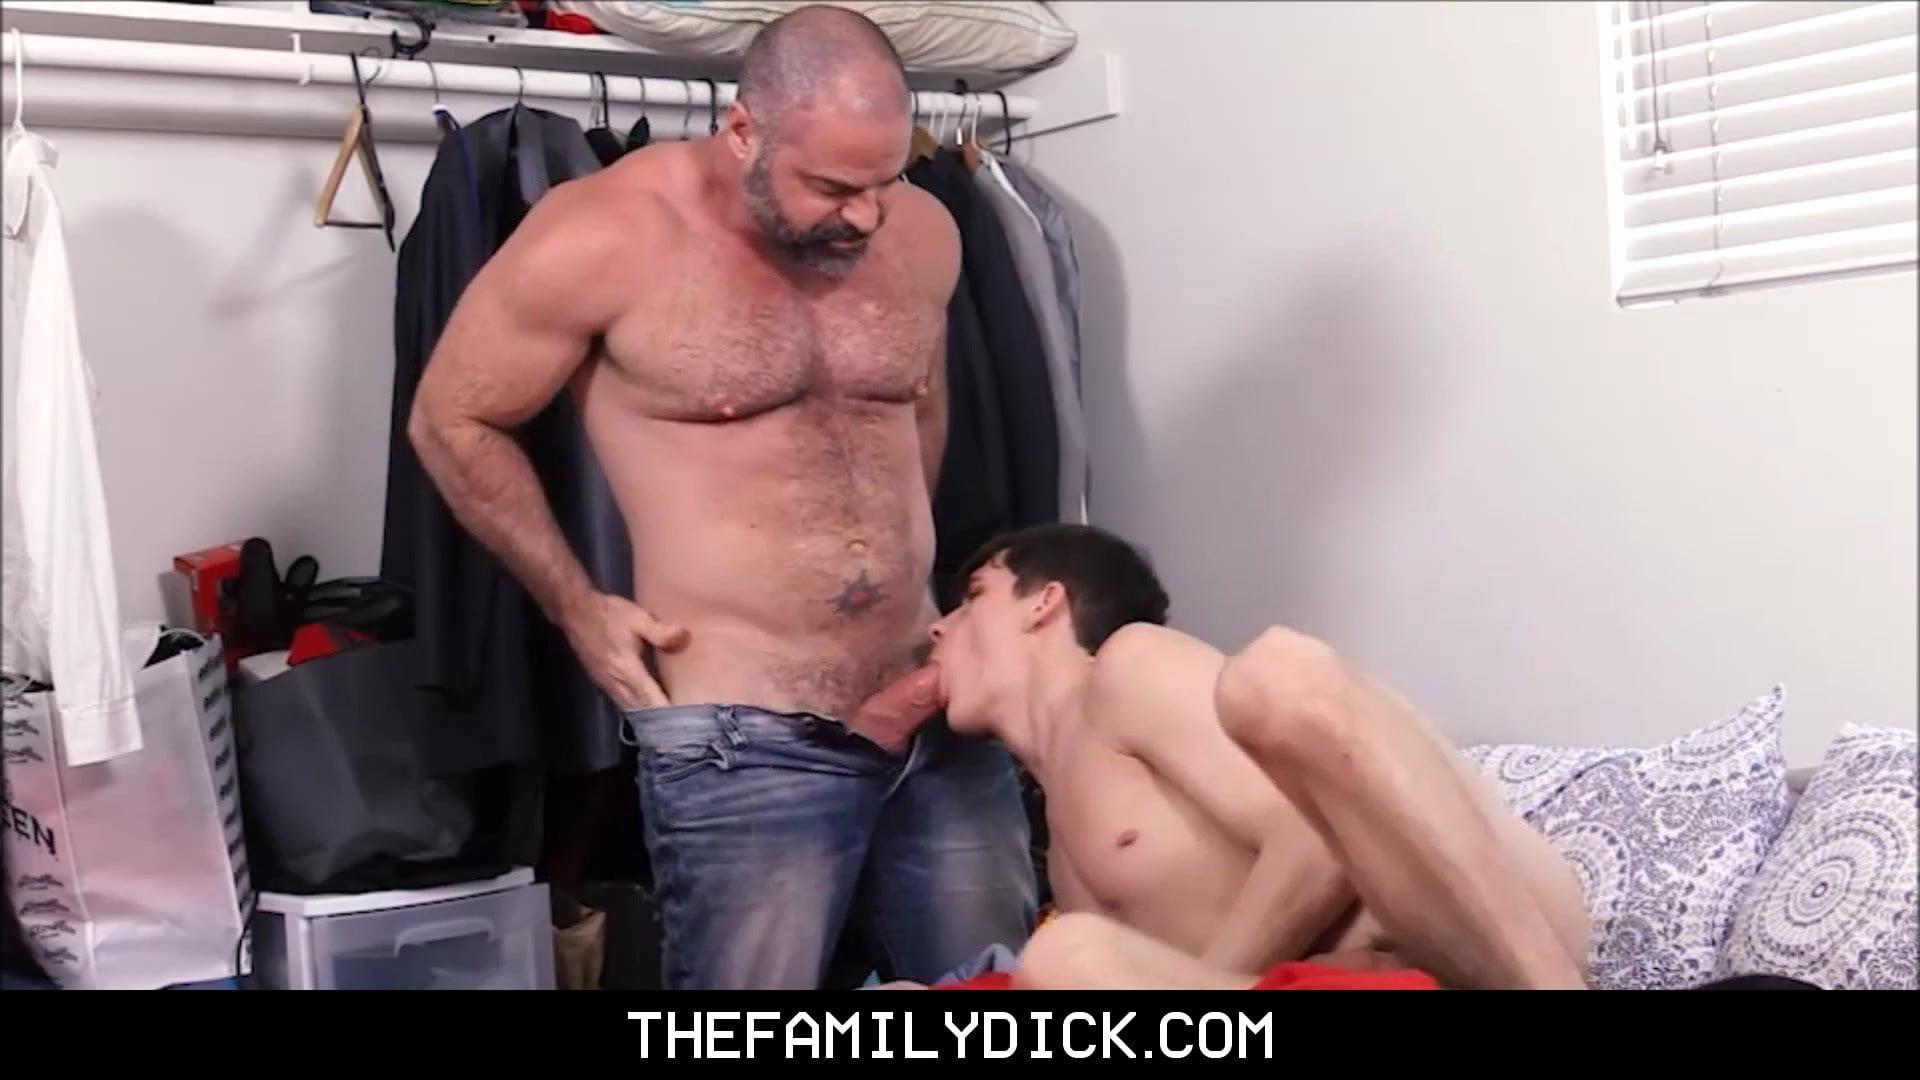 Гей Порно Отчим Трахает Пасынка